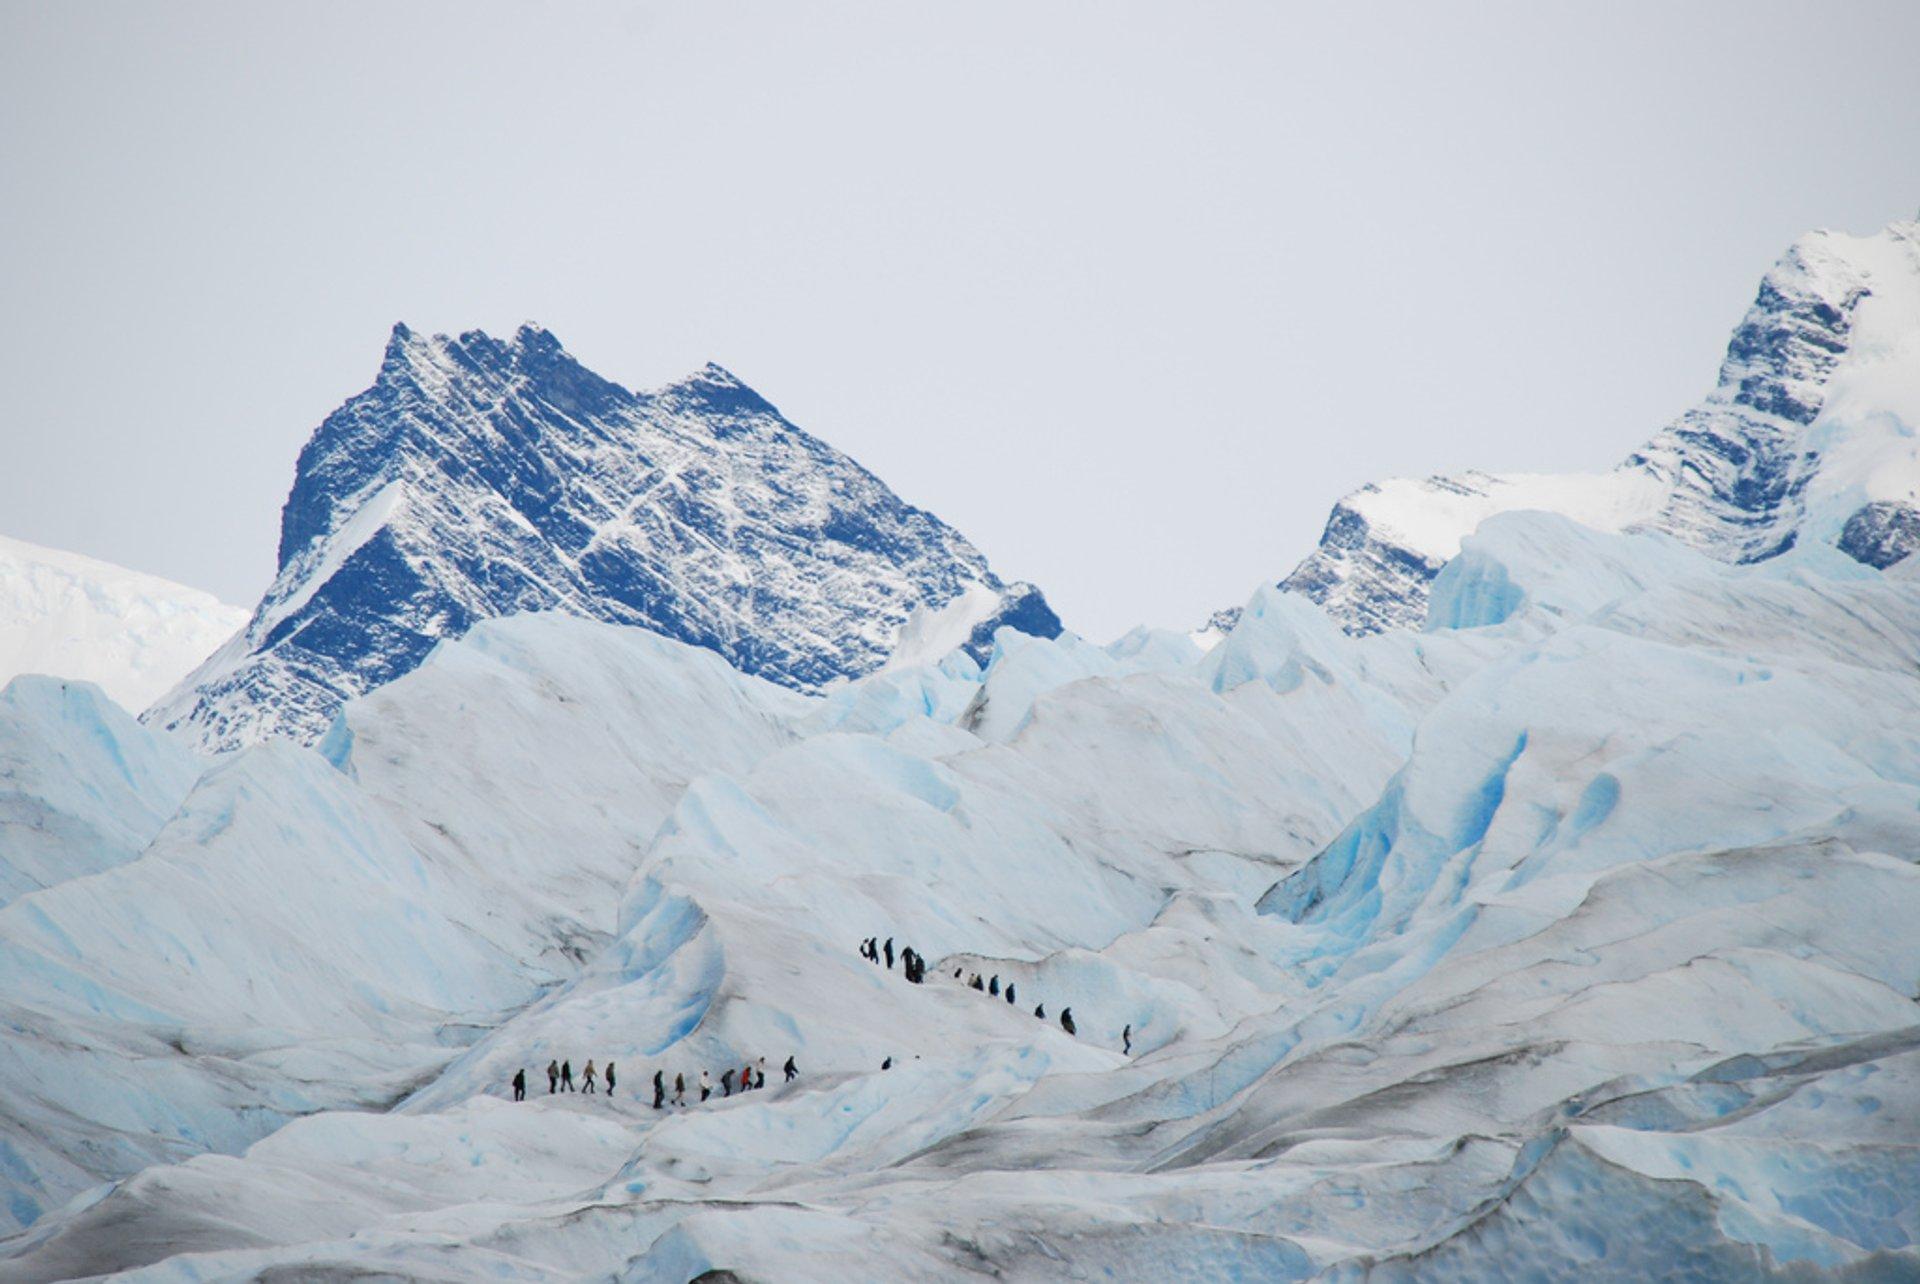 Perito Moreno Glacier in Argentina 2019 - Best Time